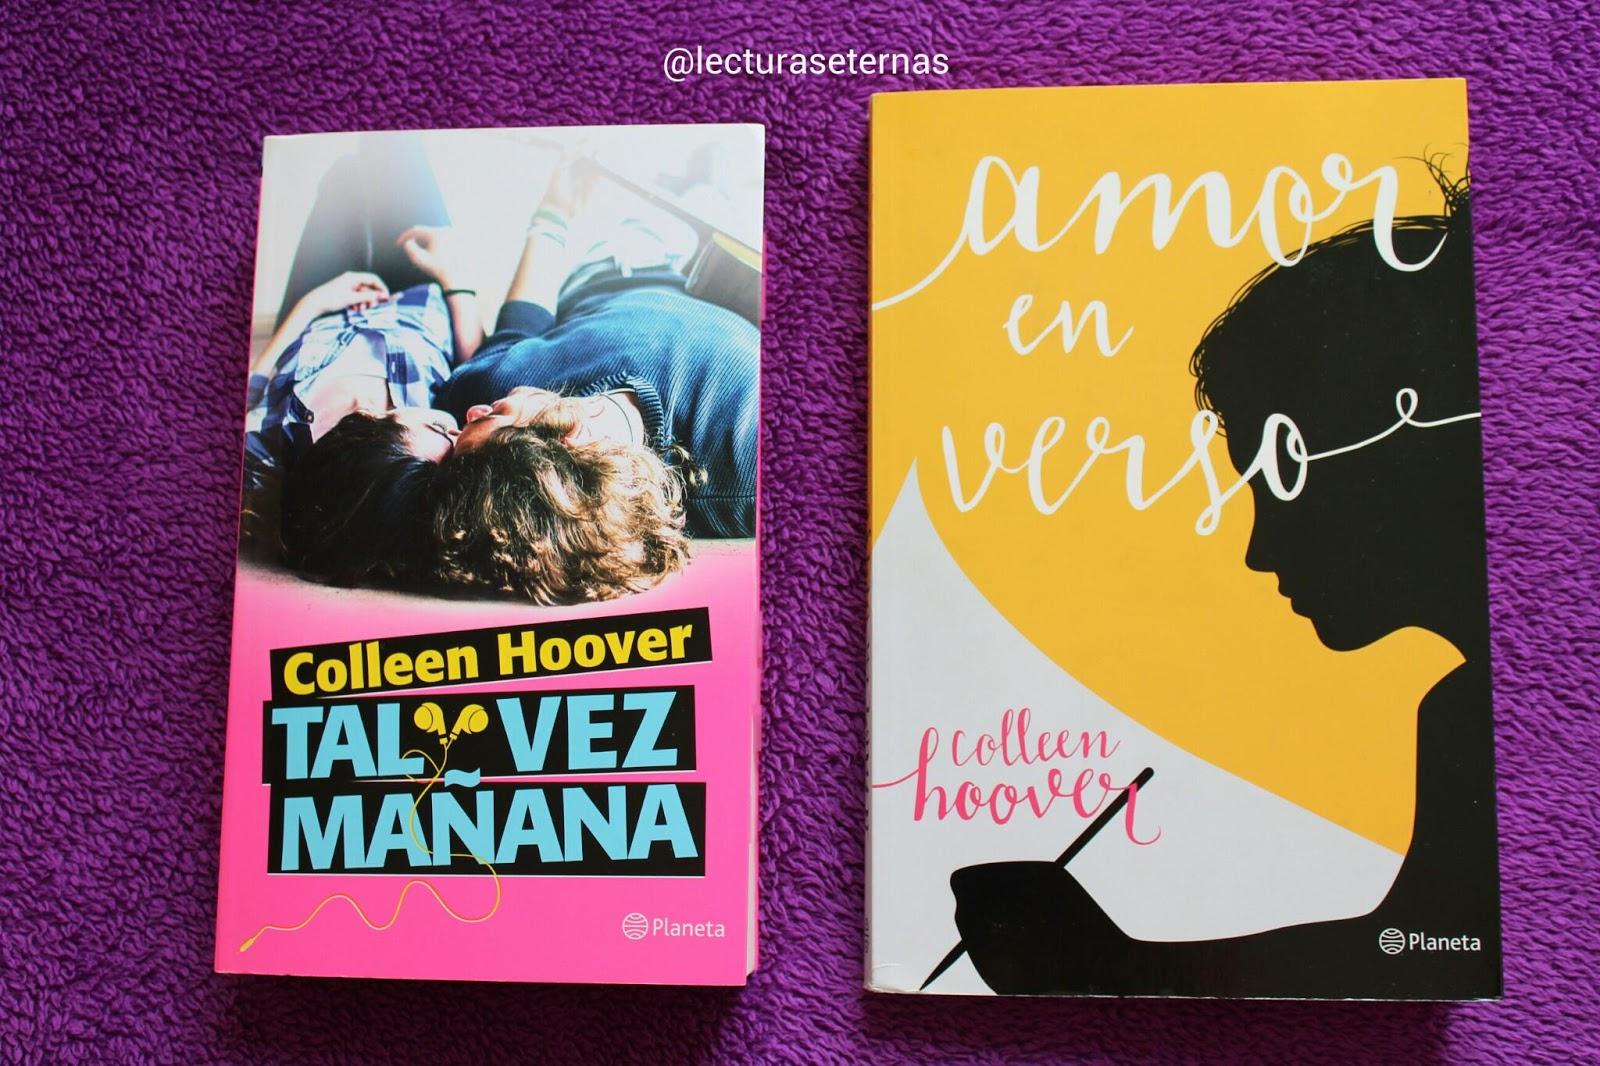 colleen hoover libros pdf español